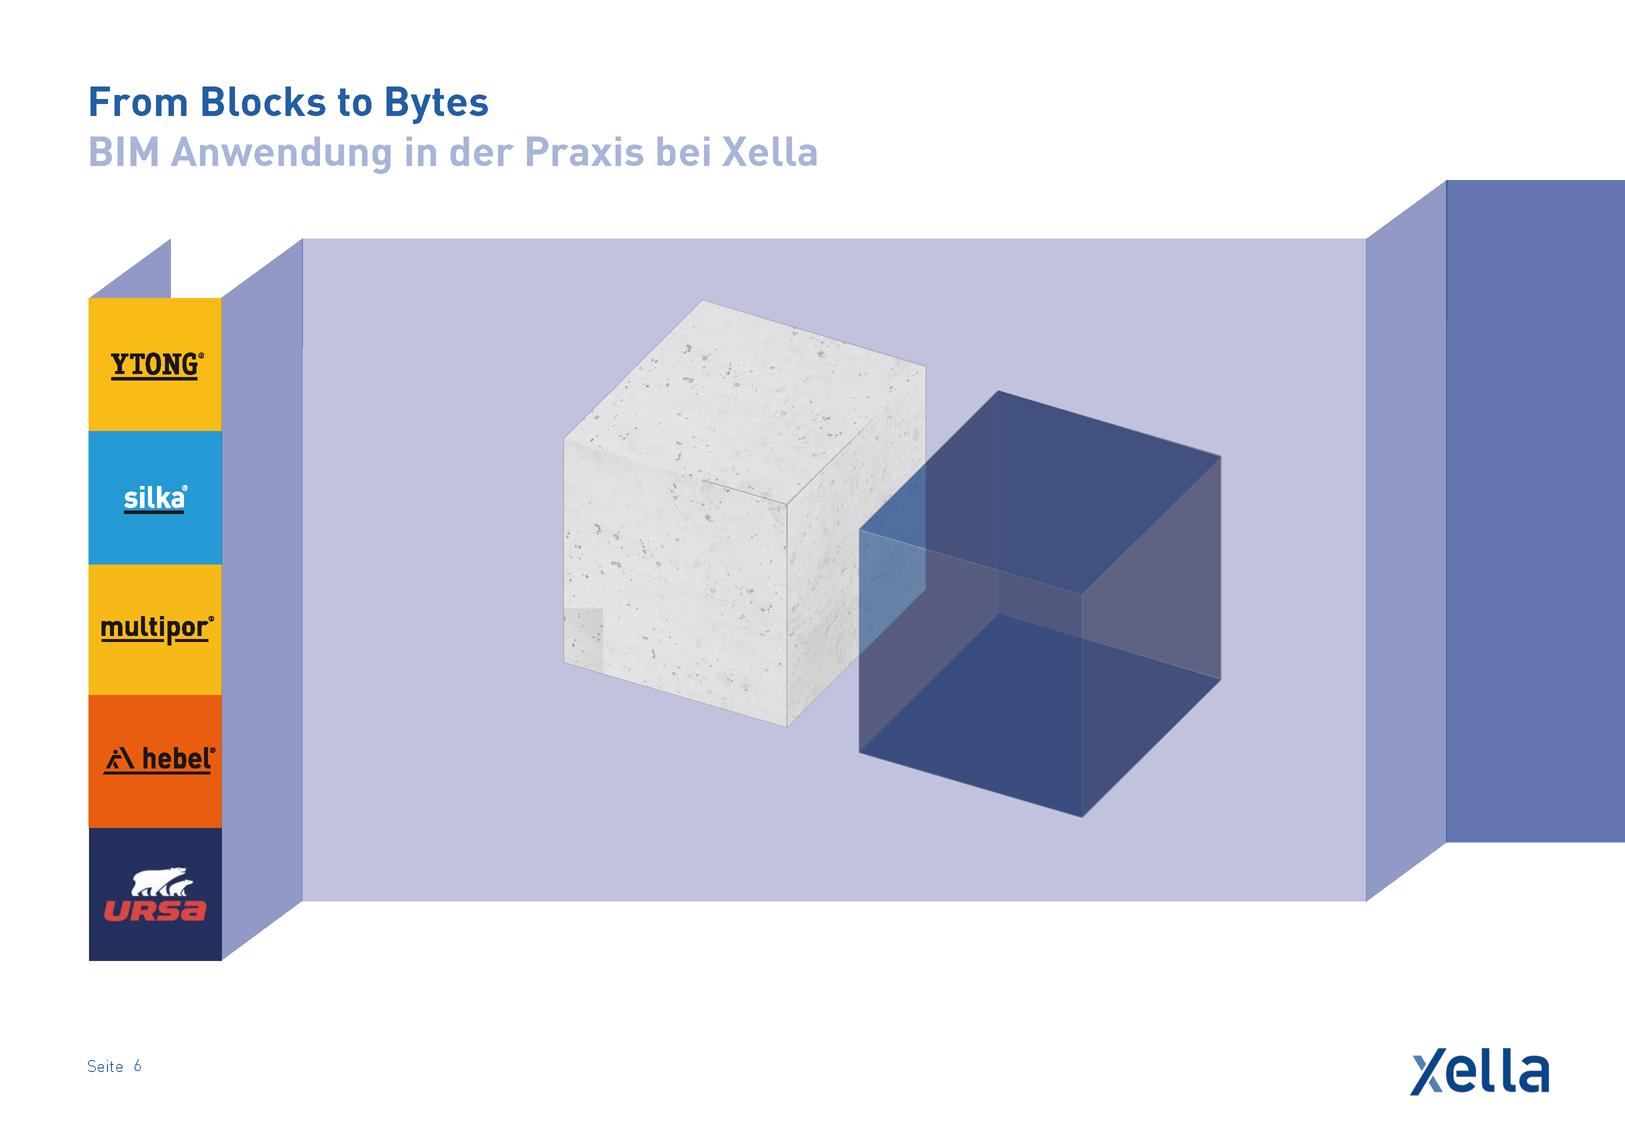 Xella Beratungs-App Bau 2019